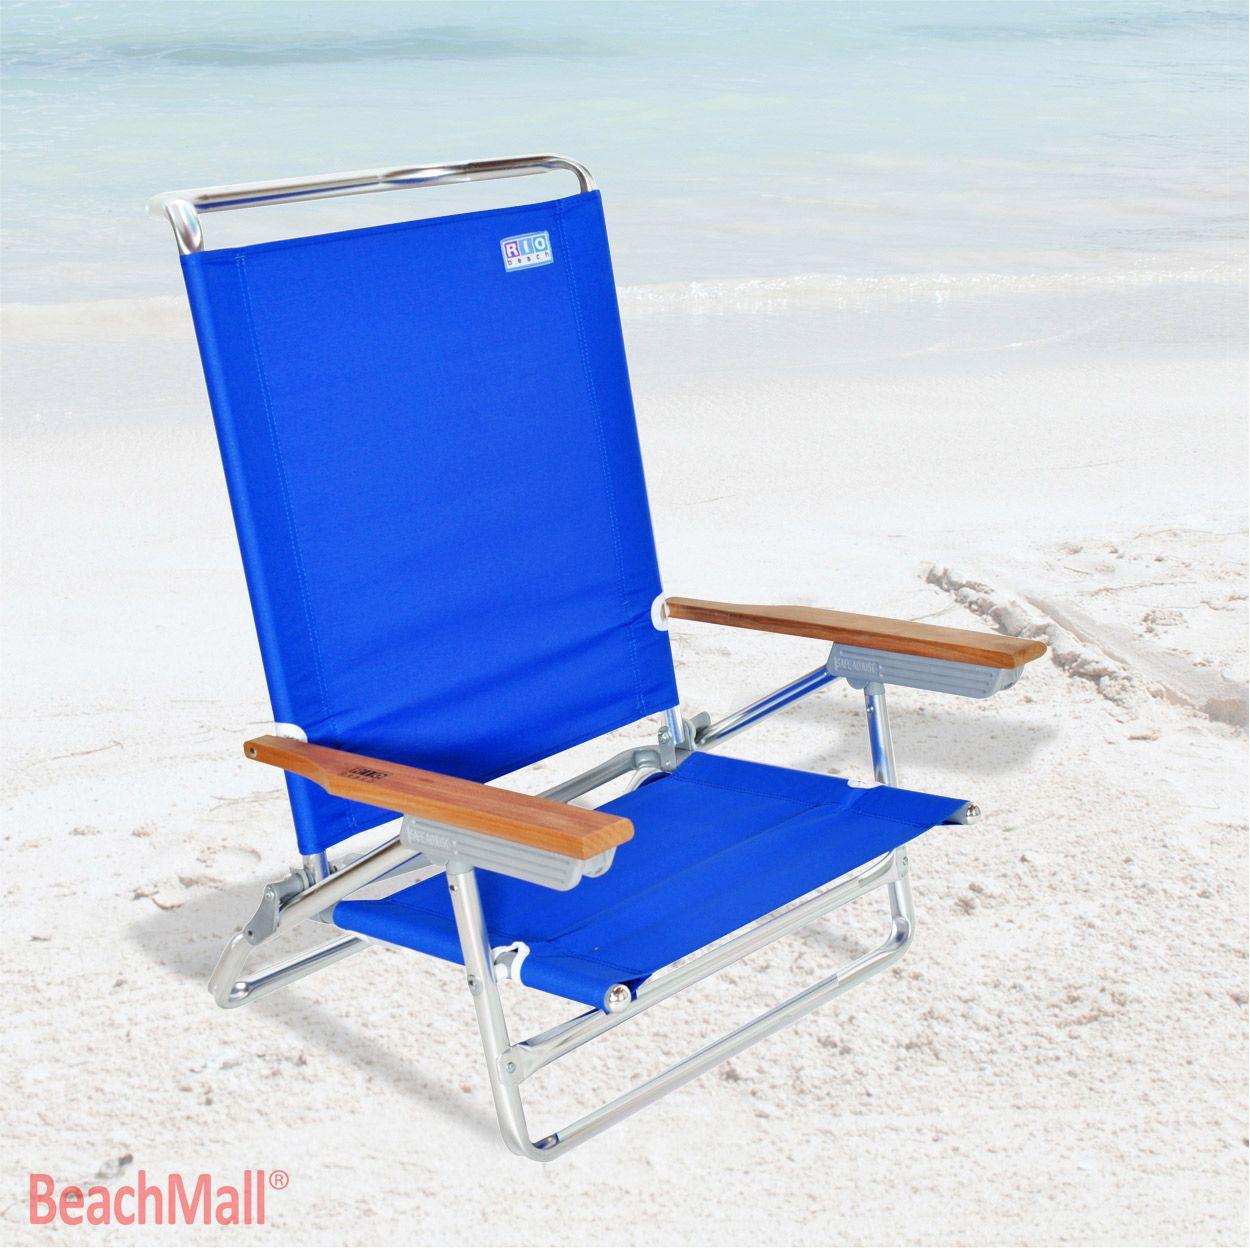 High Back Rio Beach Chair 5 position